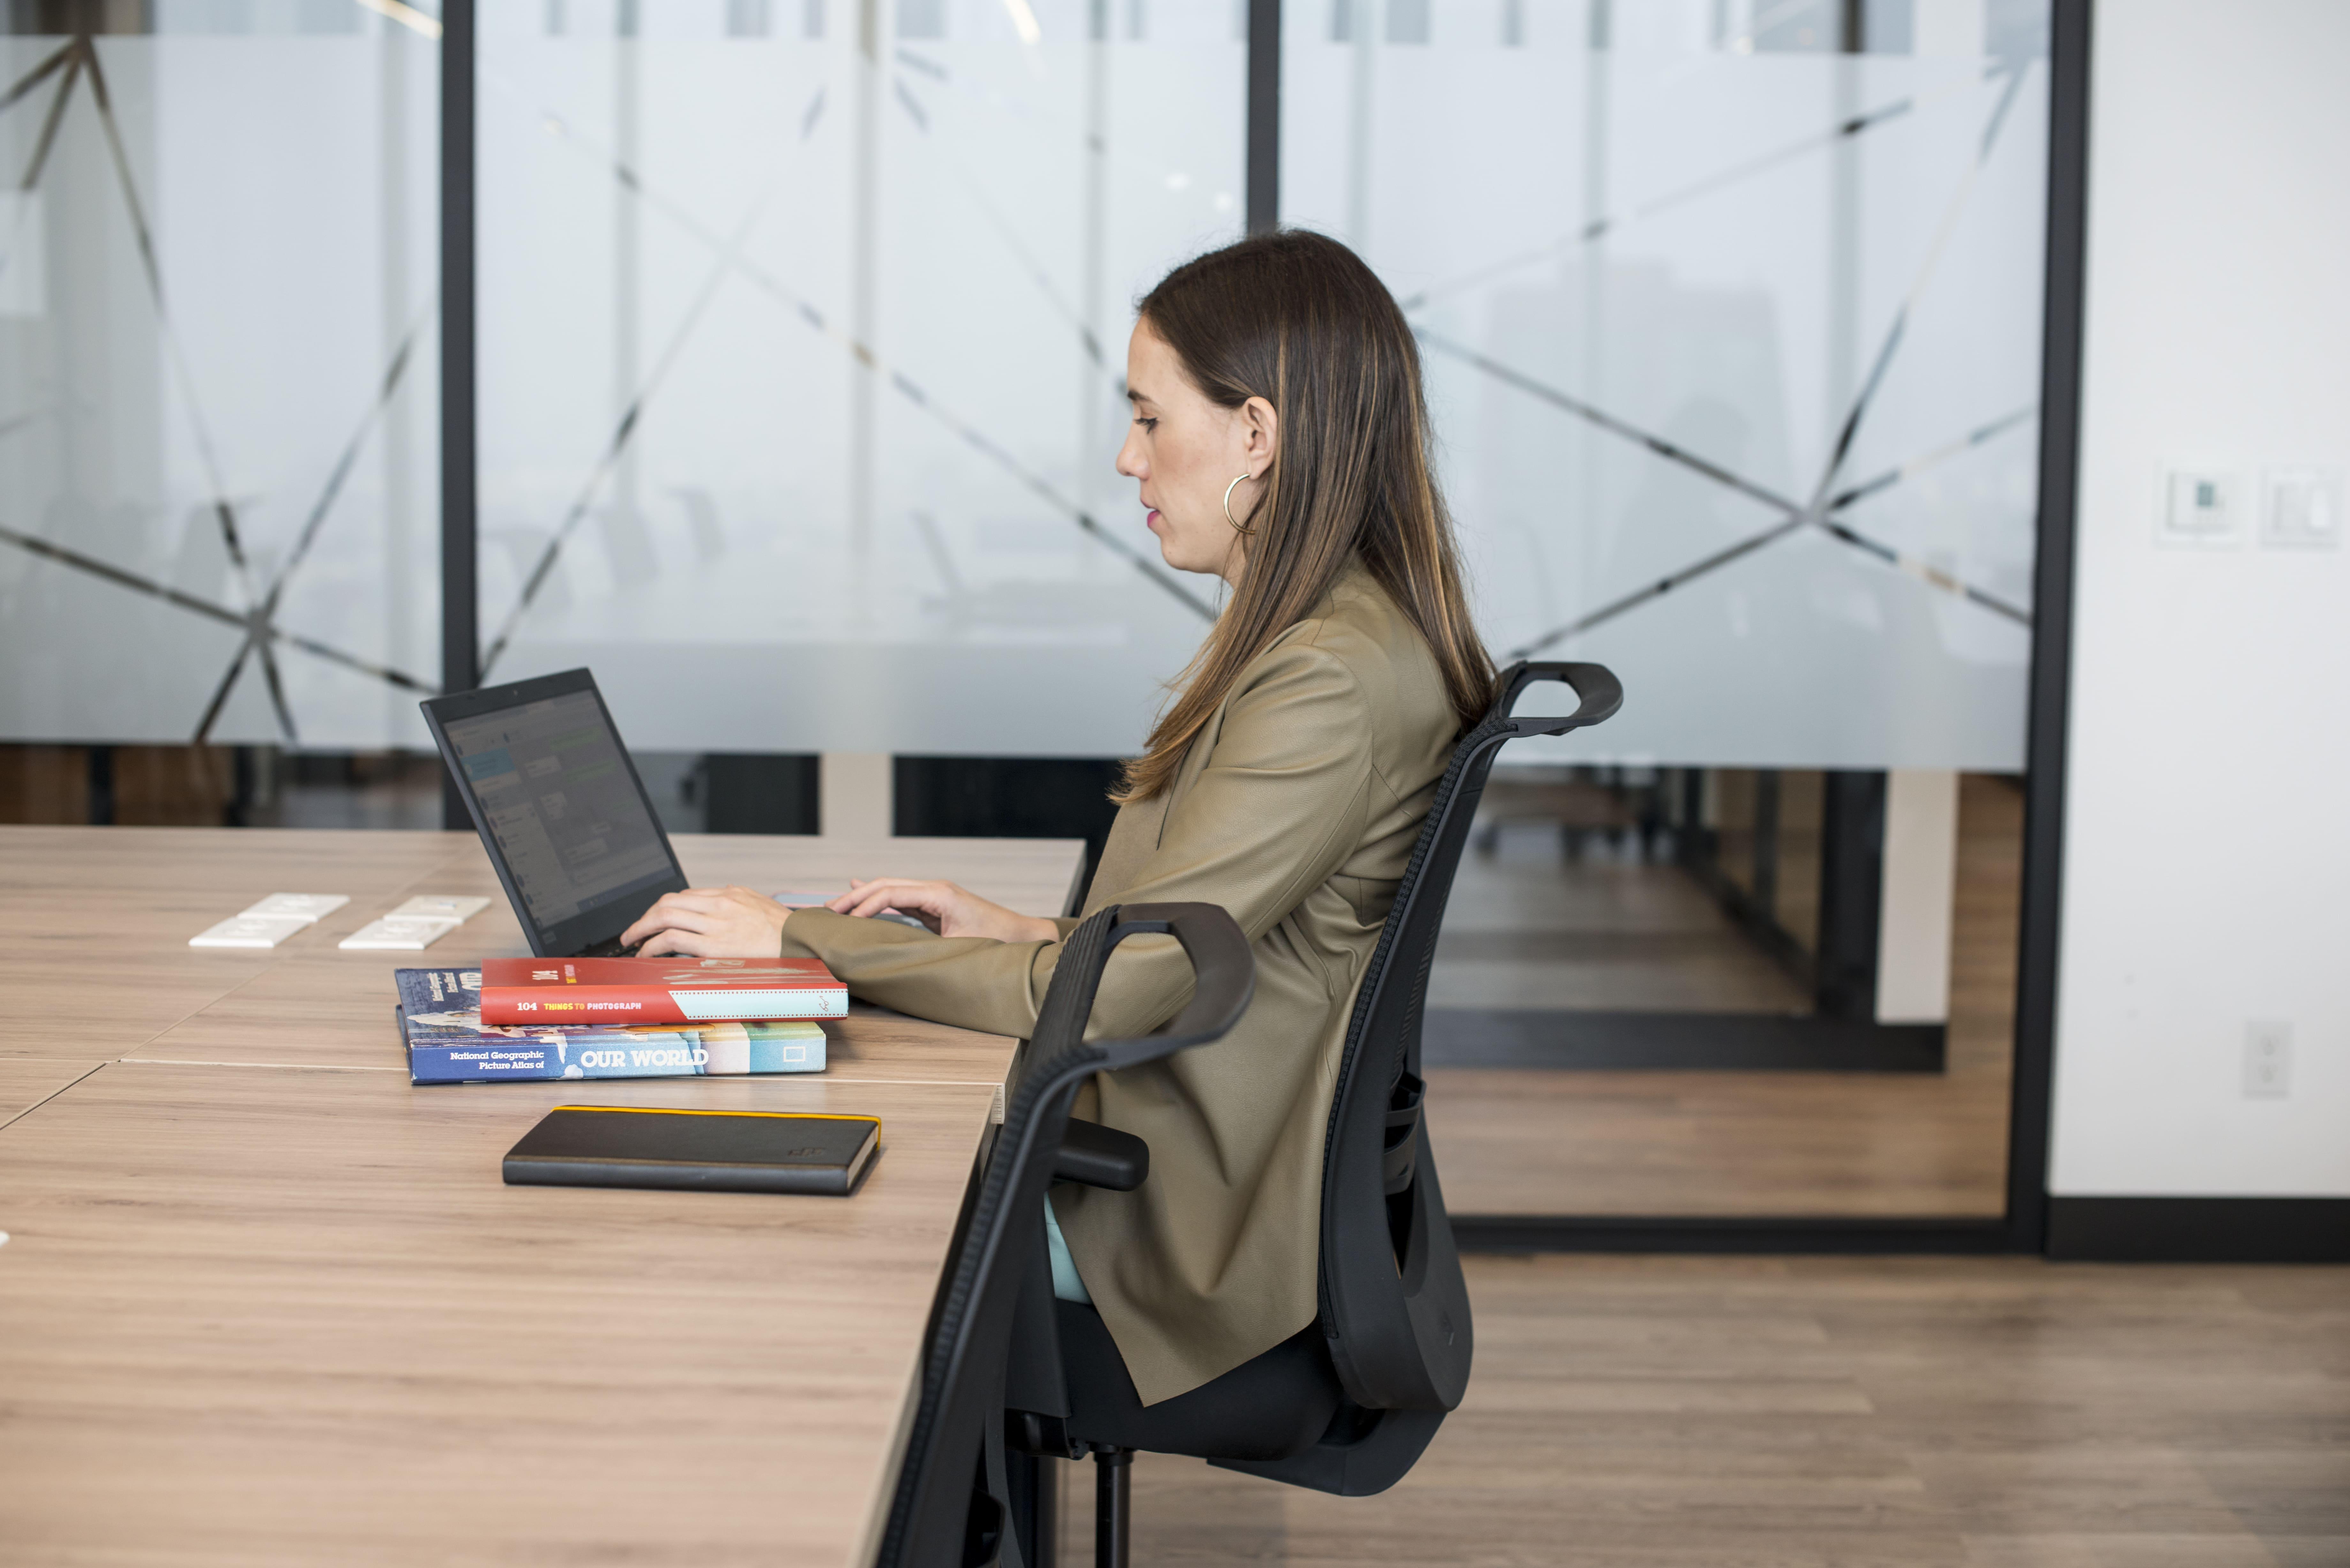 mujer joven trabajando en una silla ergonomica